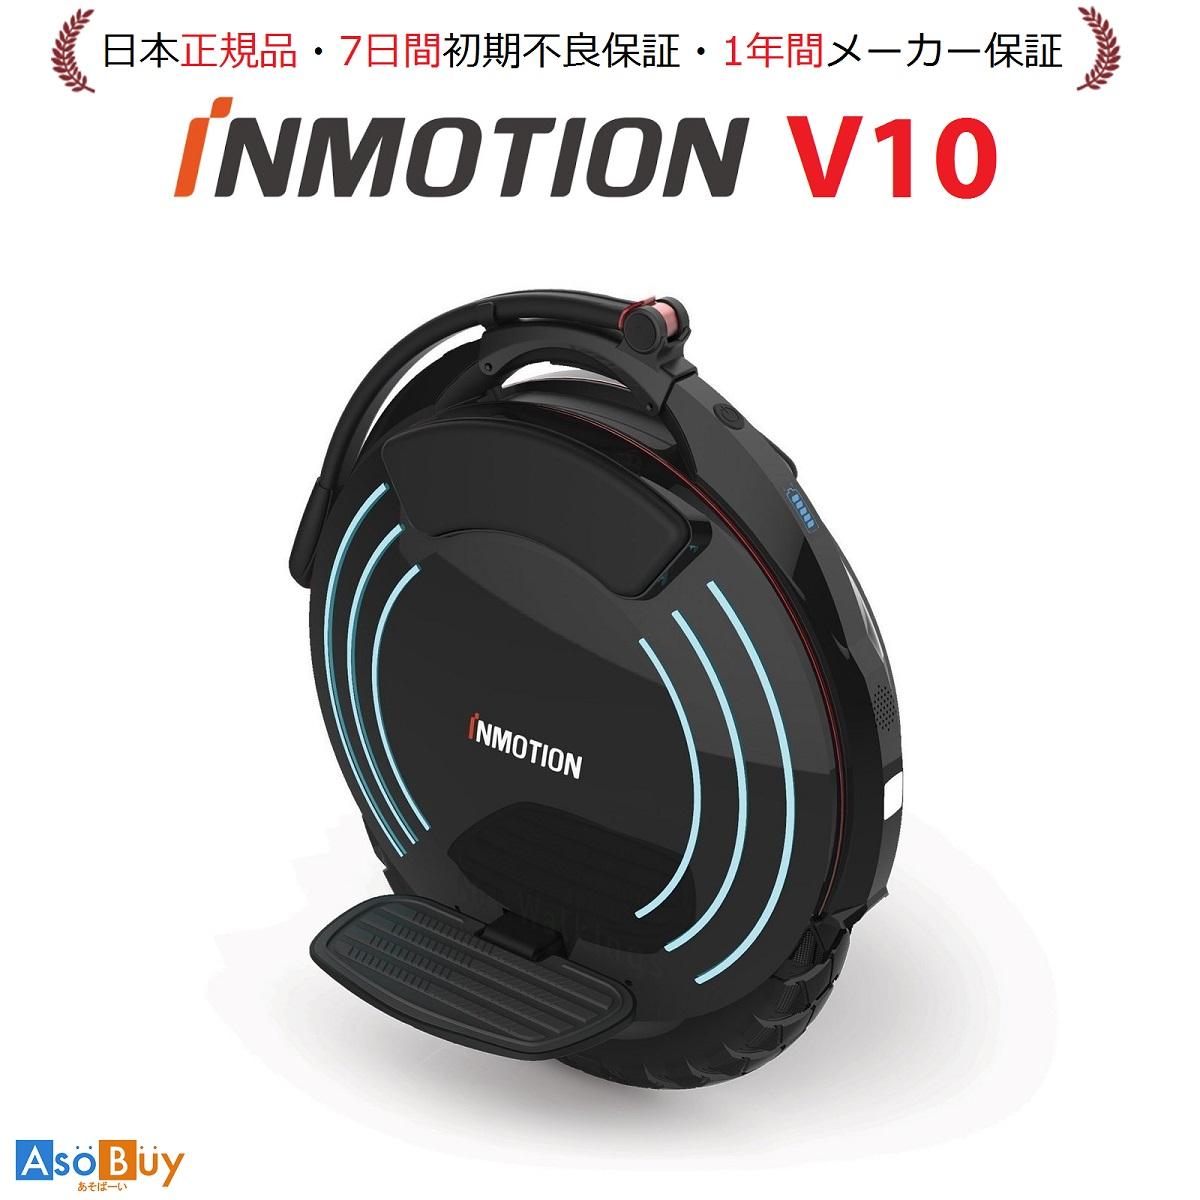 日本正規品・速度40km/h最上位 INMOTION V10 (インモーション) SEGWAY 電動一輪車 一輪セグウェイ